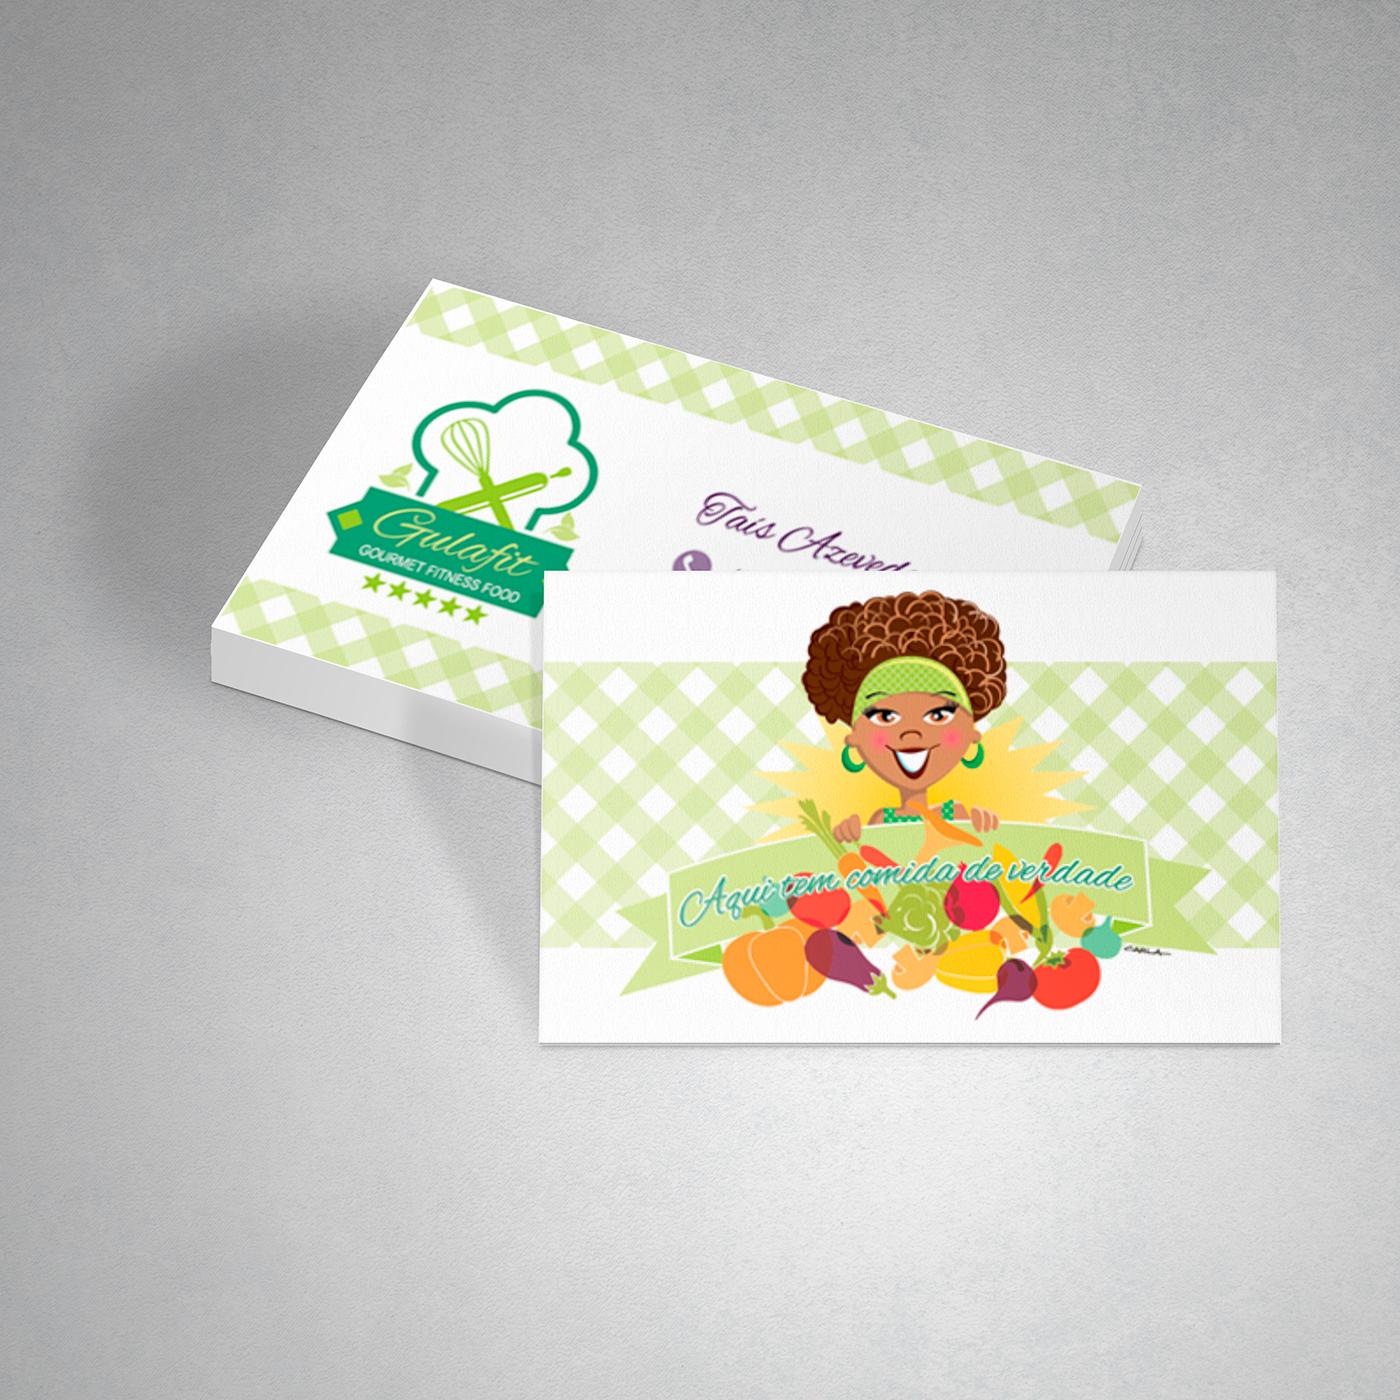 Cartão de Visita logo mascote identidade visual Rótulos embalagens Cardápios Redes Sociais